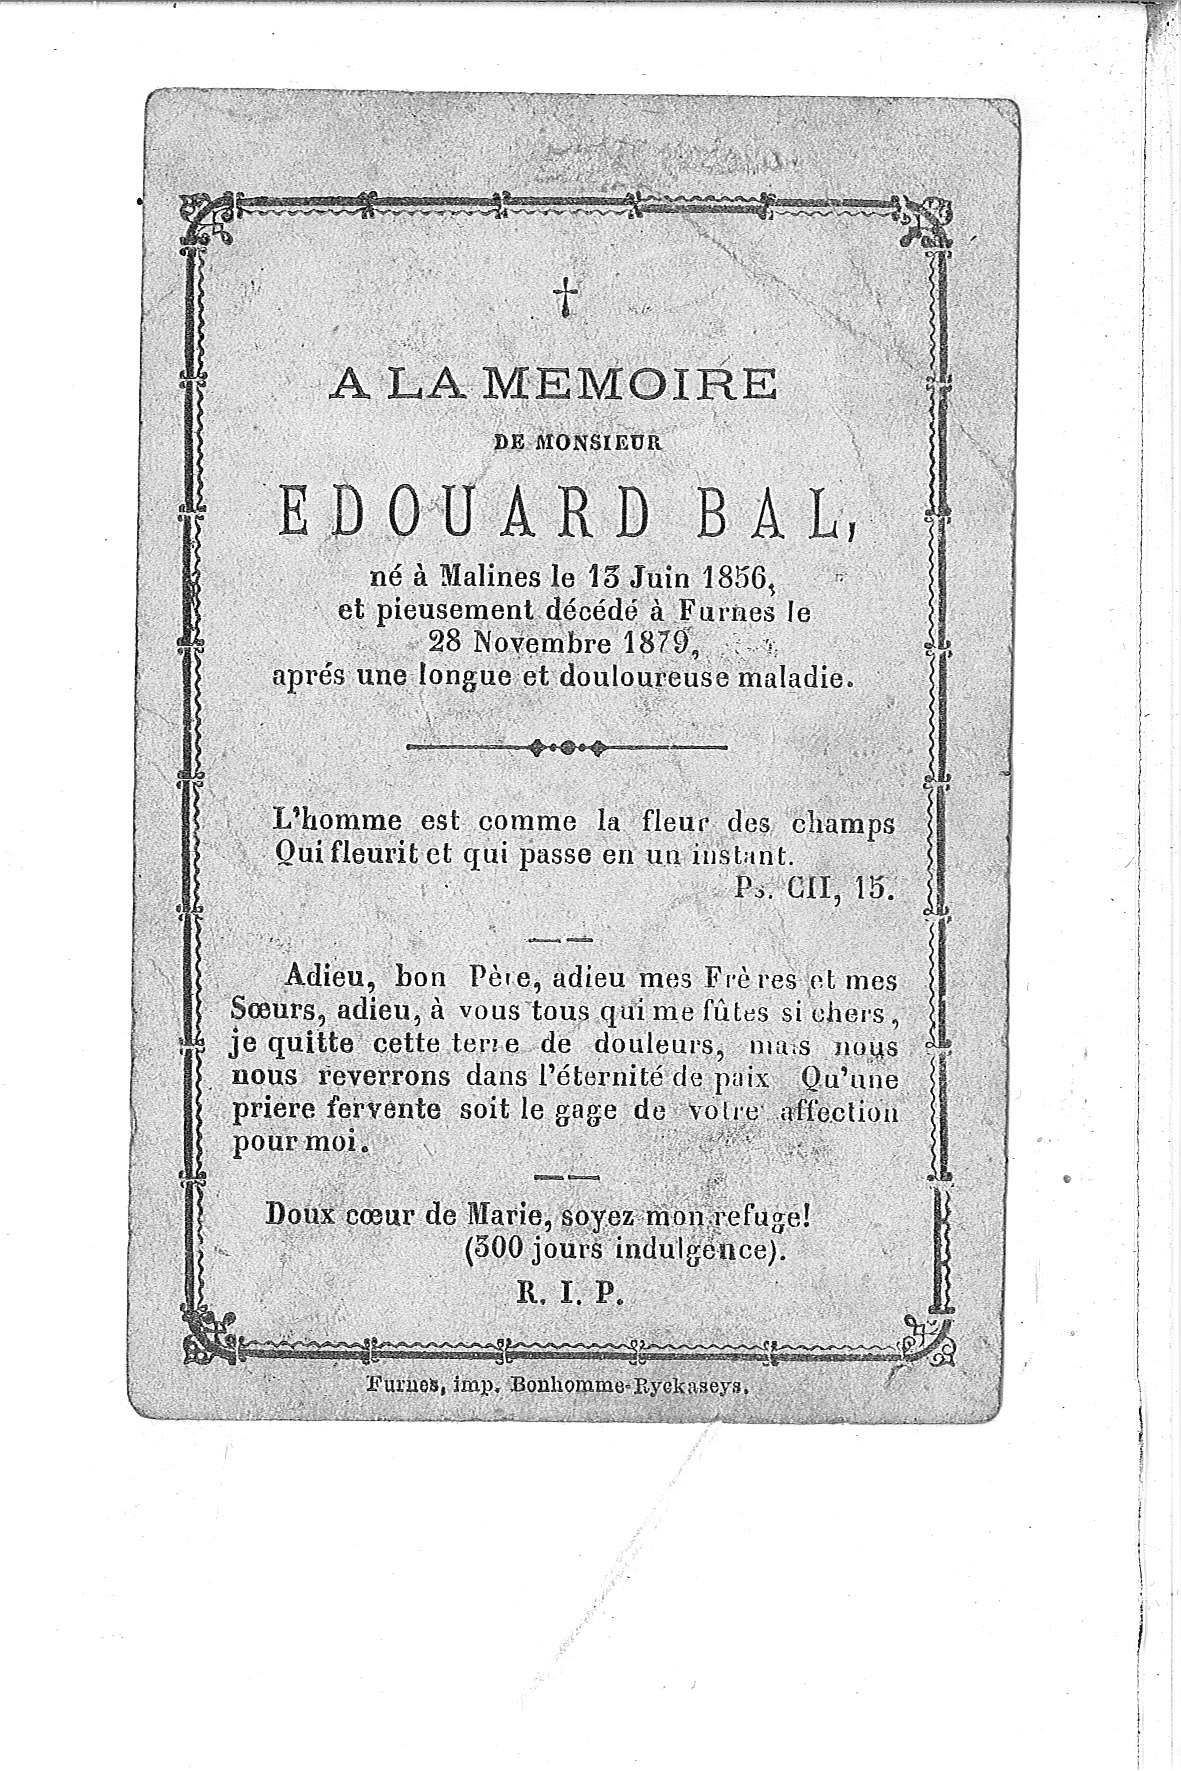 Edouard(1879)20101006133005_00026.jpg